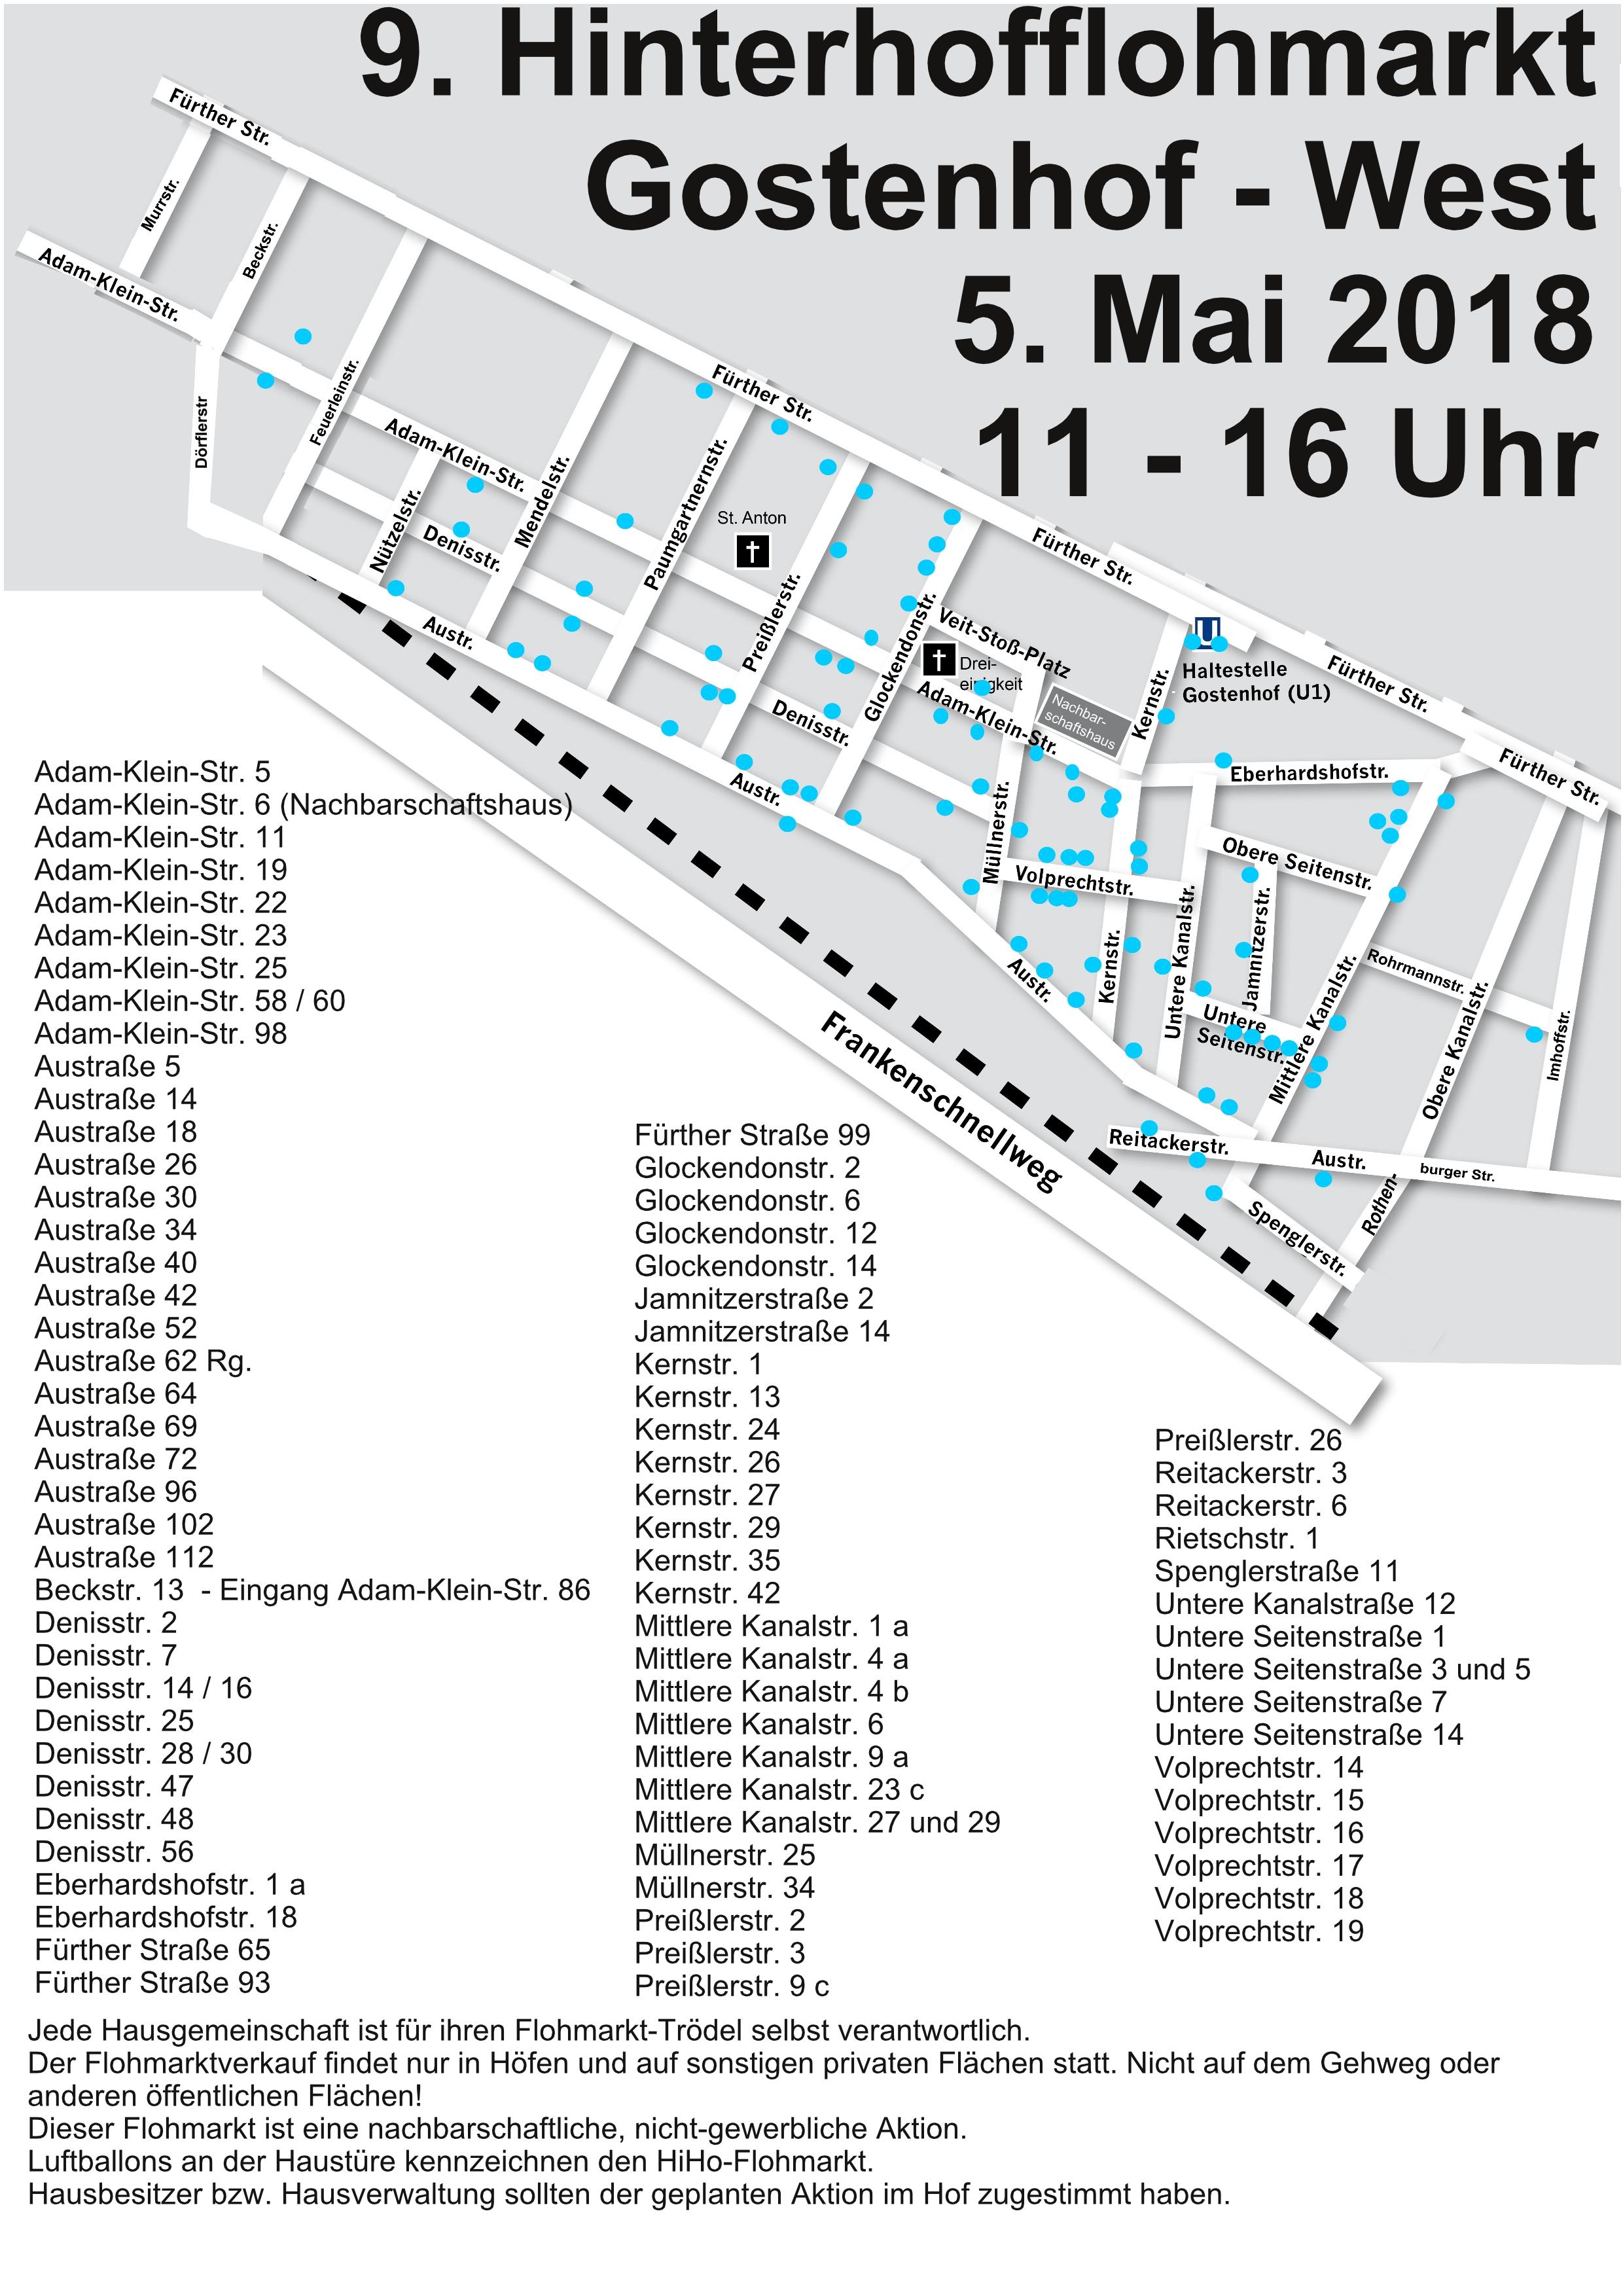 Hinterhofflohmarkt Gostenhof West